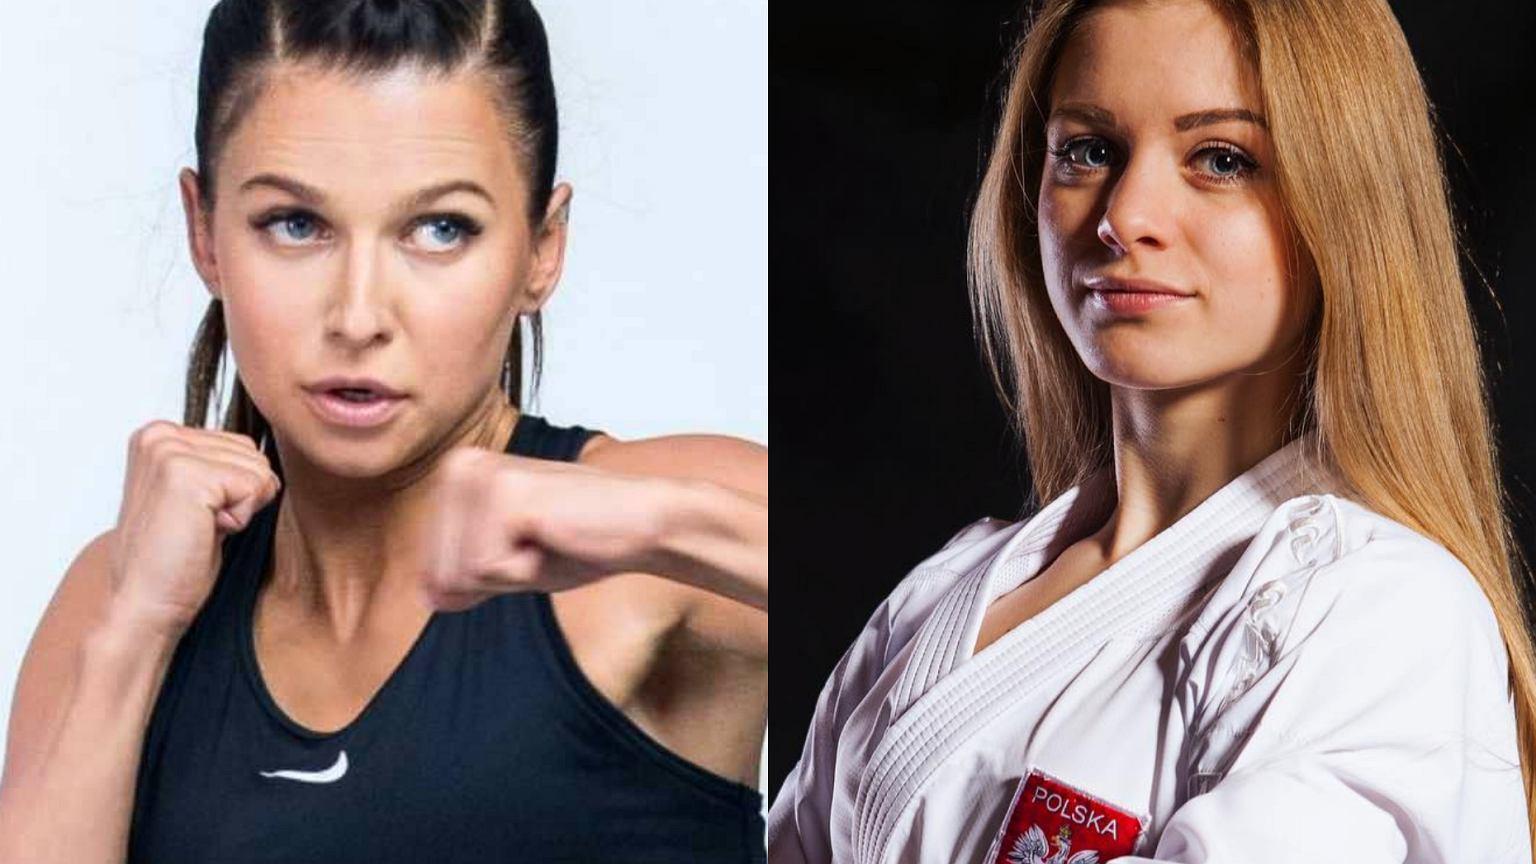 Anna Lewandowska skrytykowana przez znaną karateczkę.